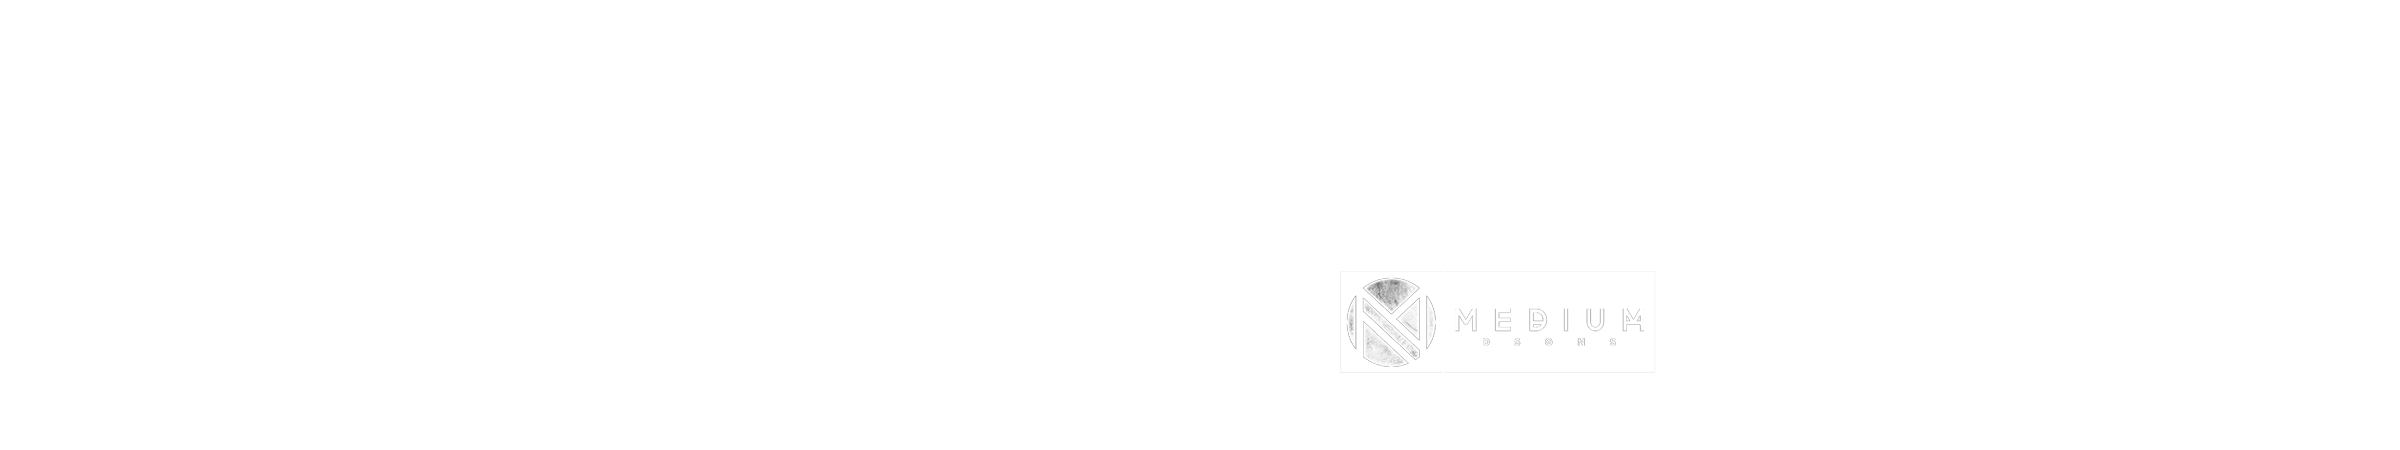 Bottom logos.png